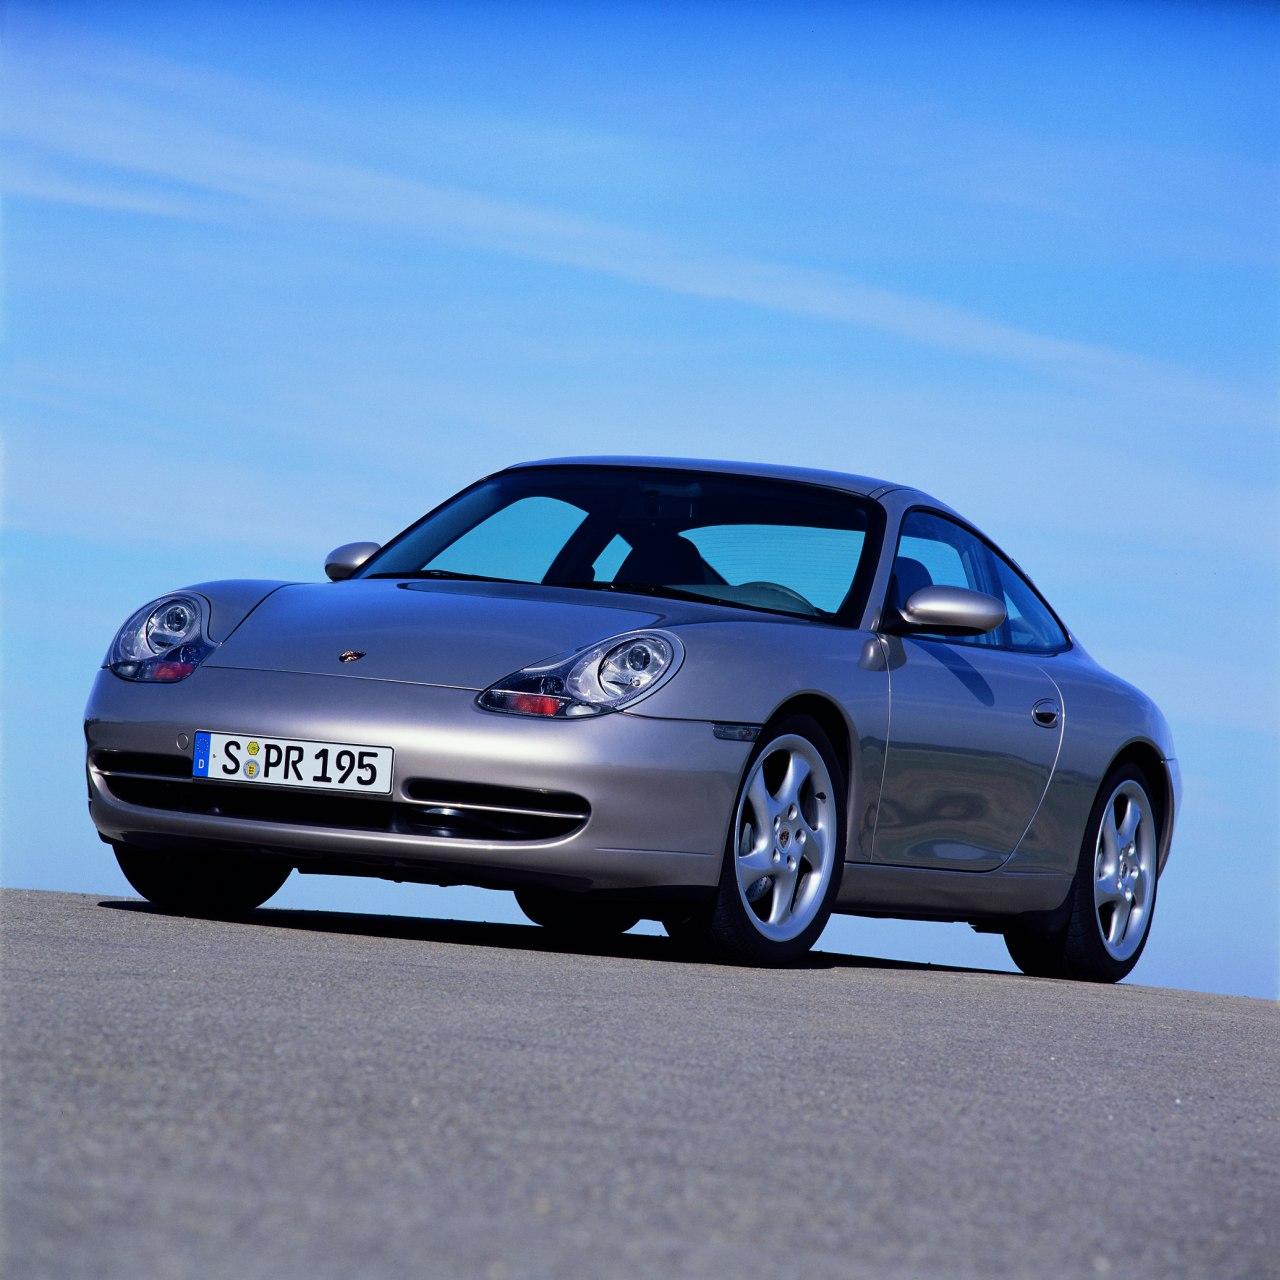 Porsche-911-996-01.jpg